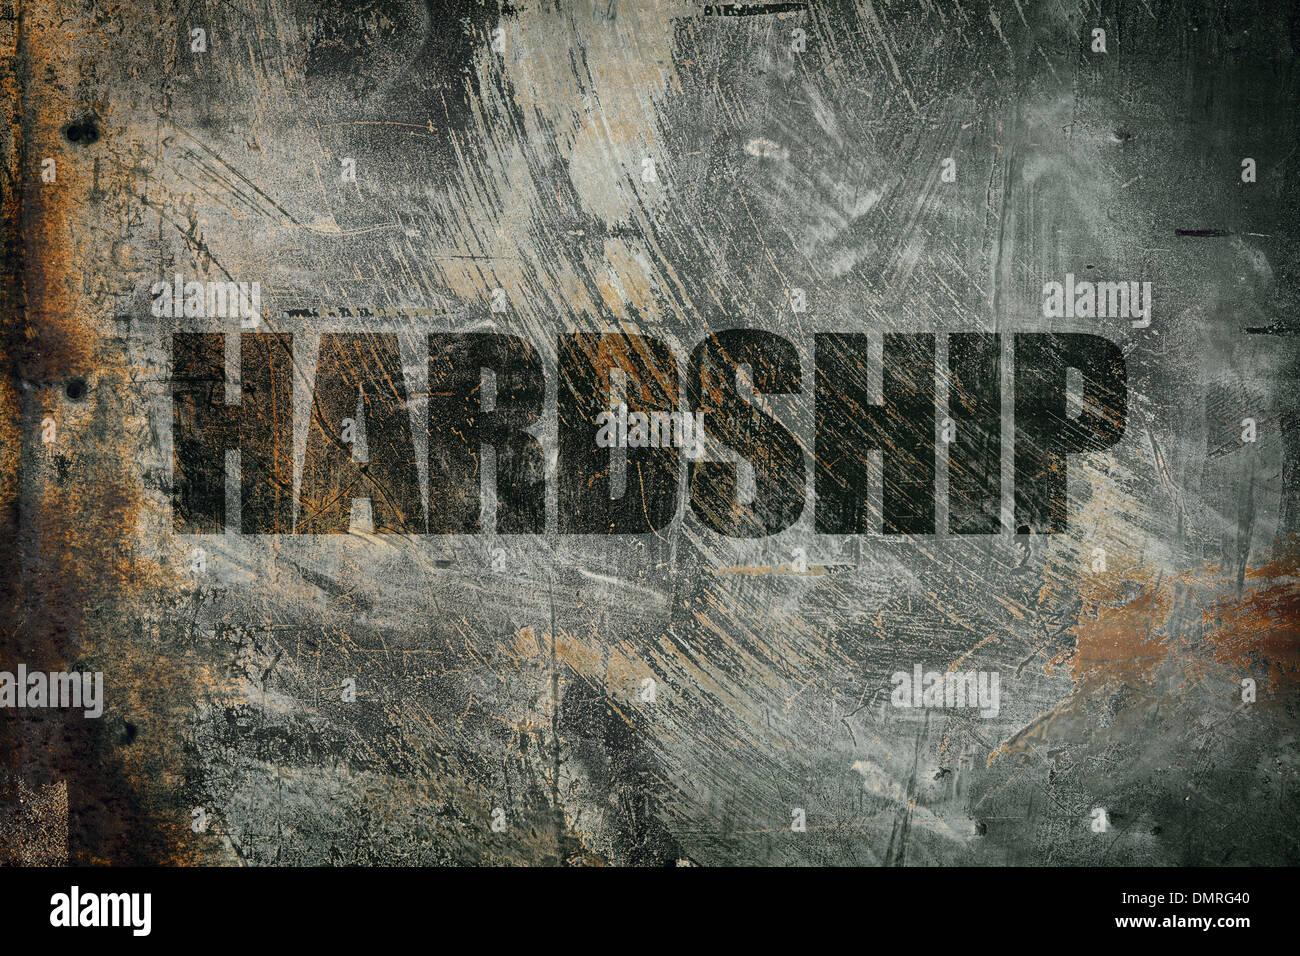 hardship - Stock Image